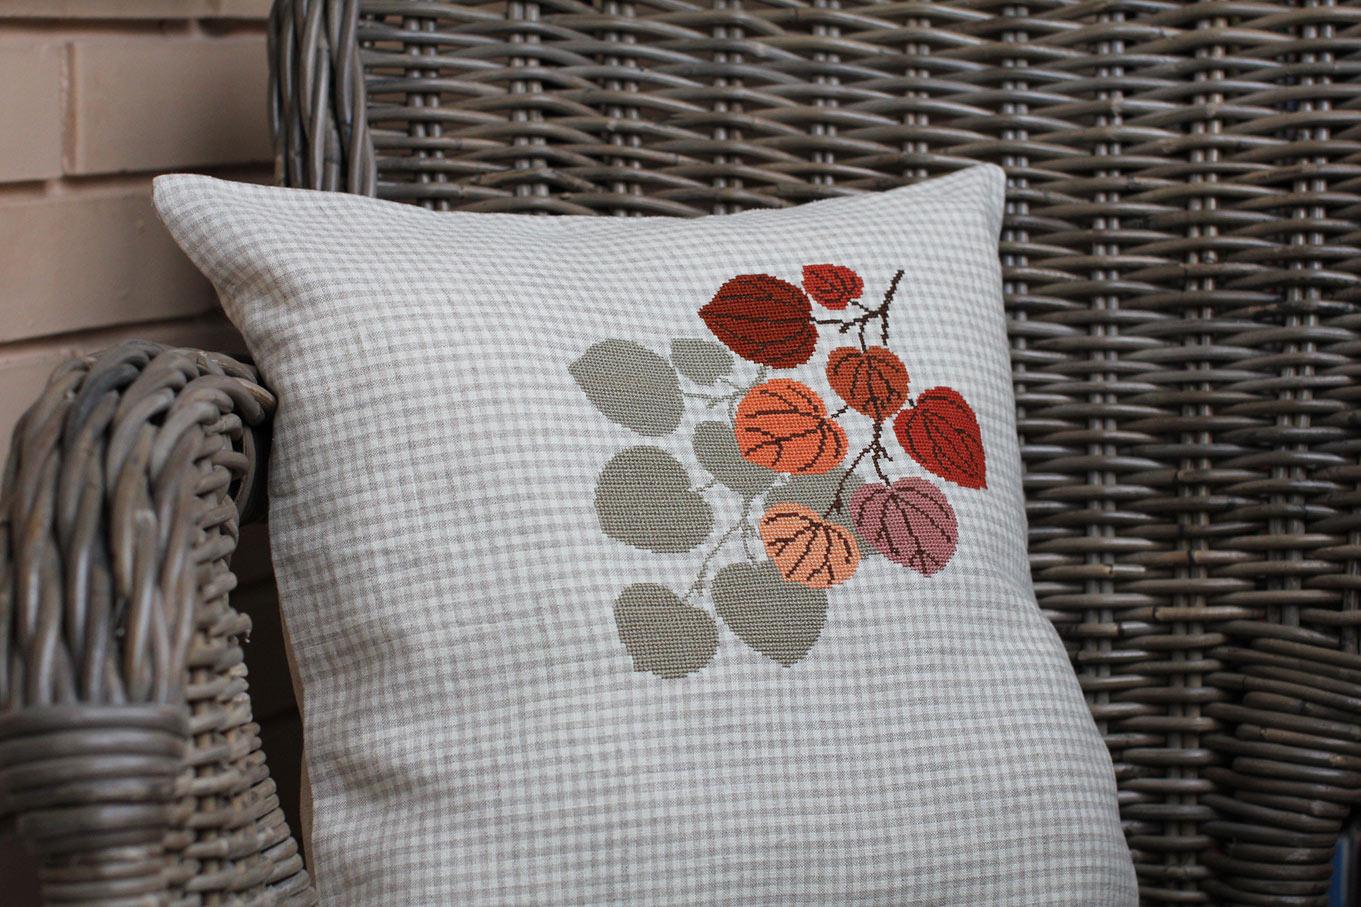 Осенняя подушка. Диванные подушки с вышивкой и без